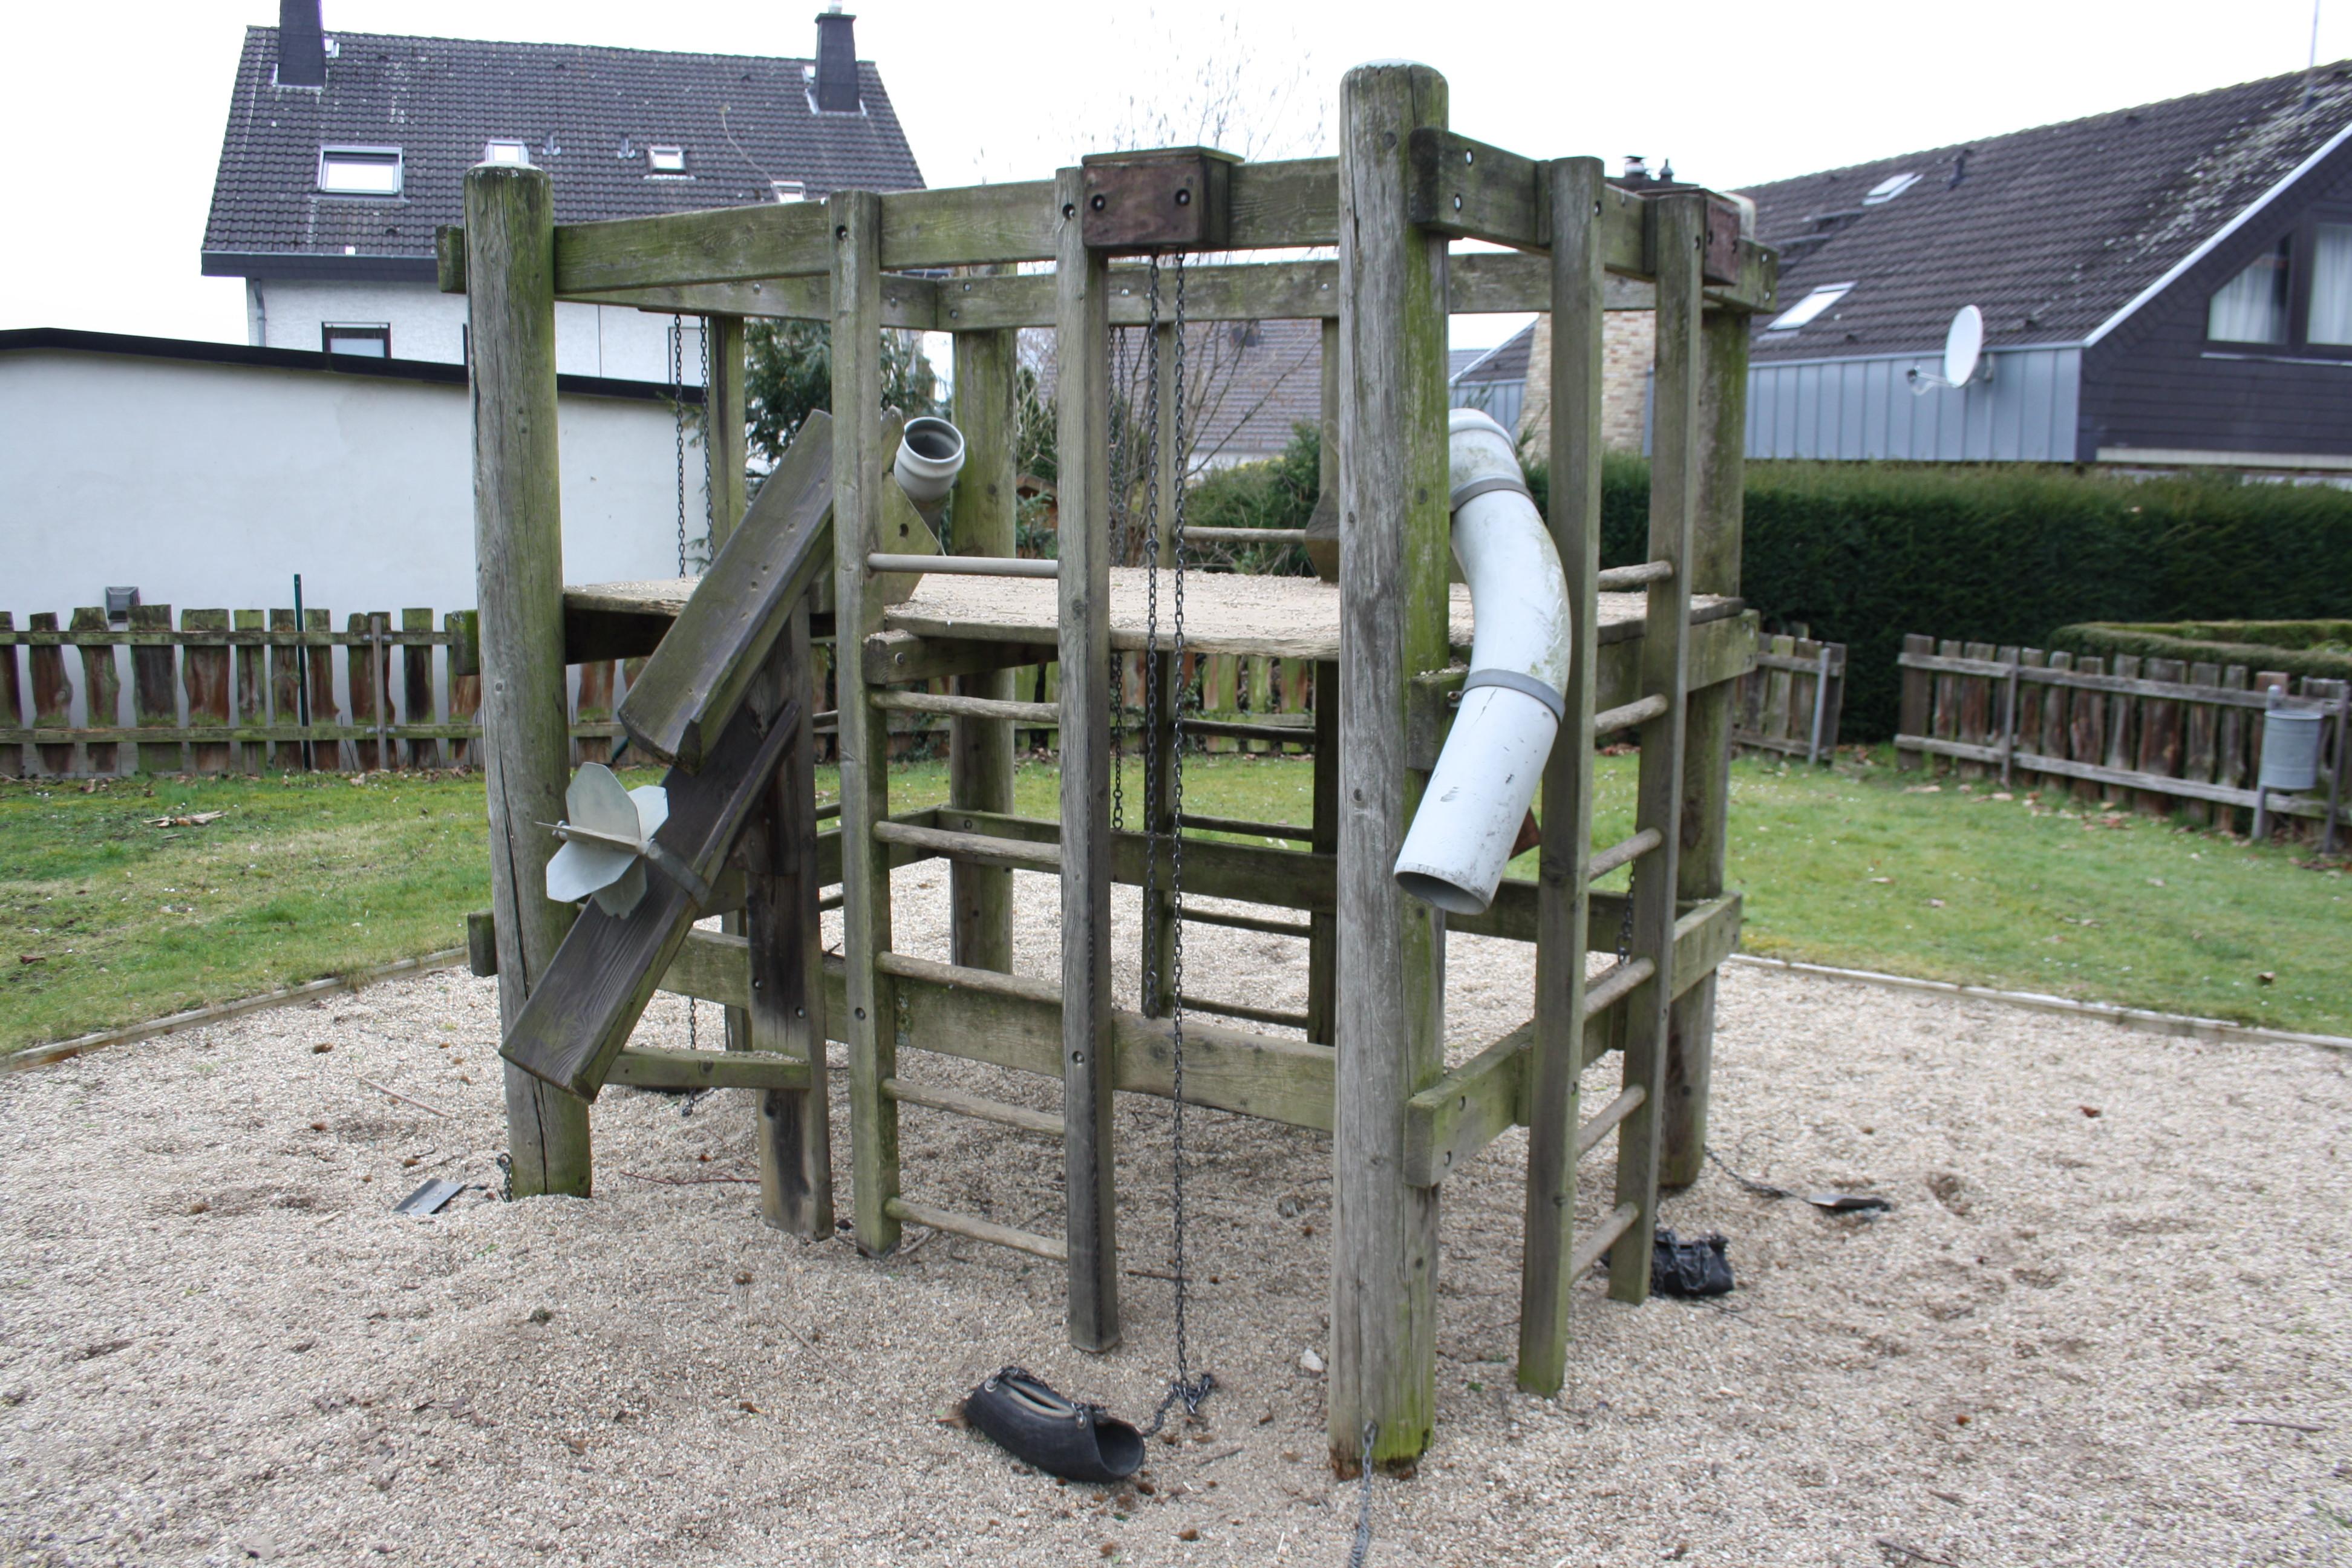 Klettergerüst Metall Spielplatz : Einen spielplatz im garten anlegen u ideen Überblick mamilade